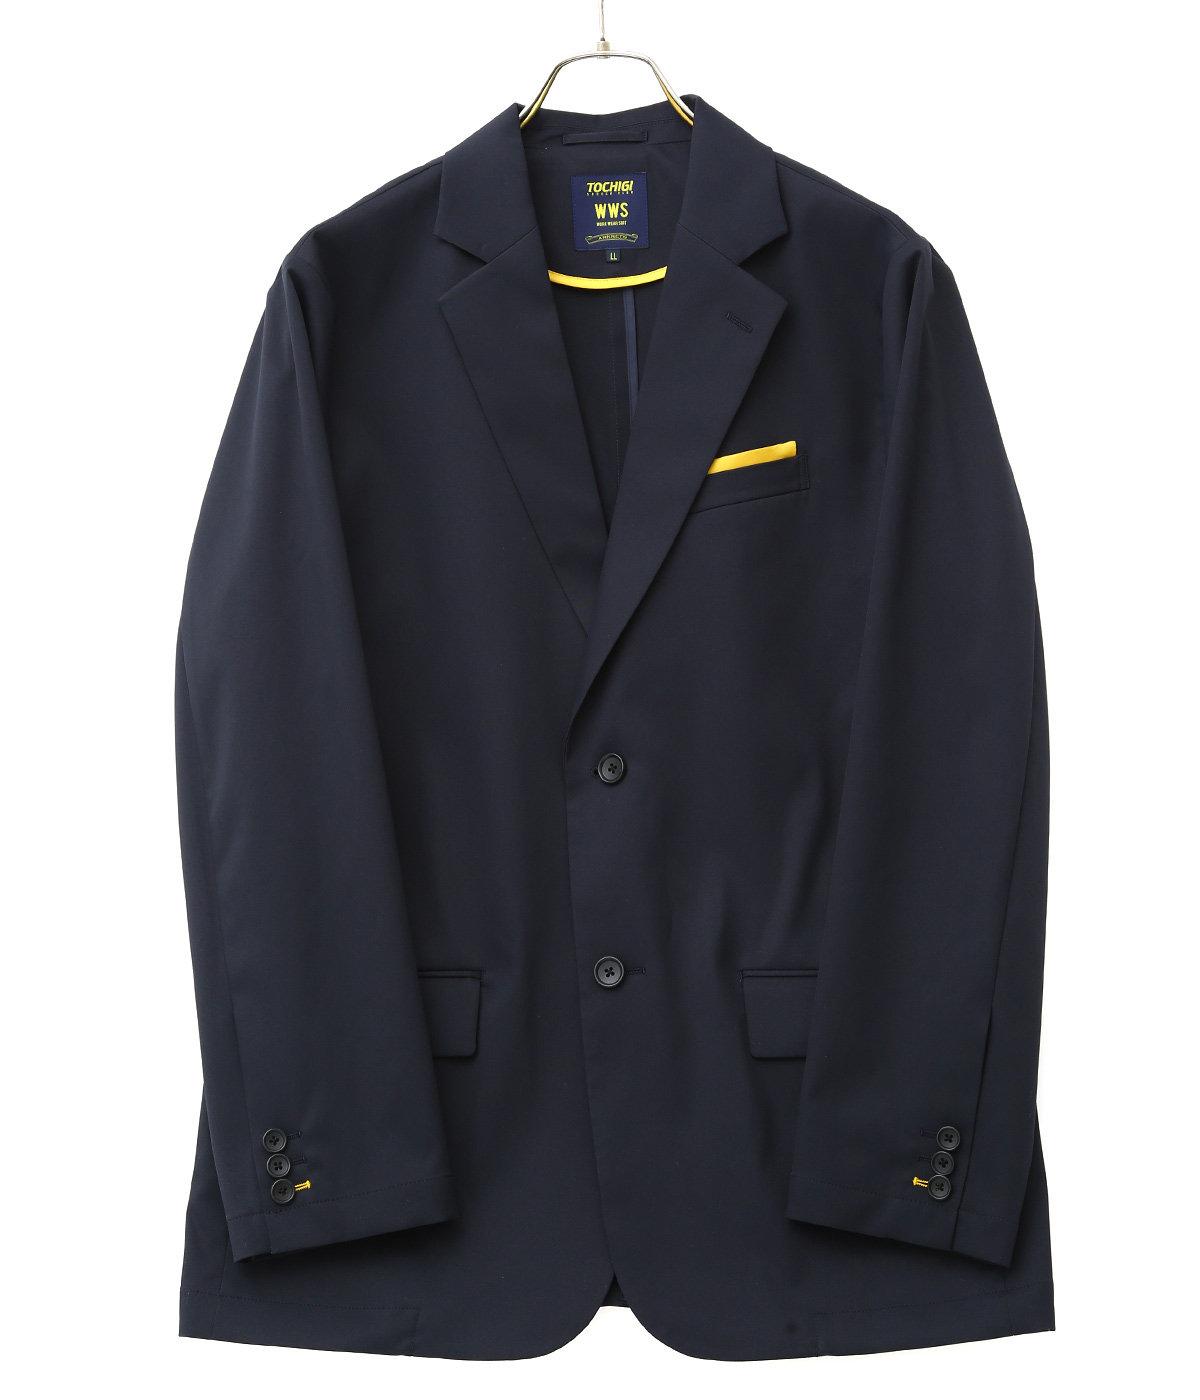 WWS×TOCHIGI SC×ARKnets  オフィシャルスーツ ジャケット